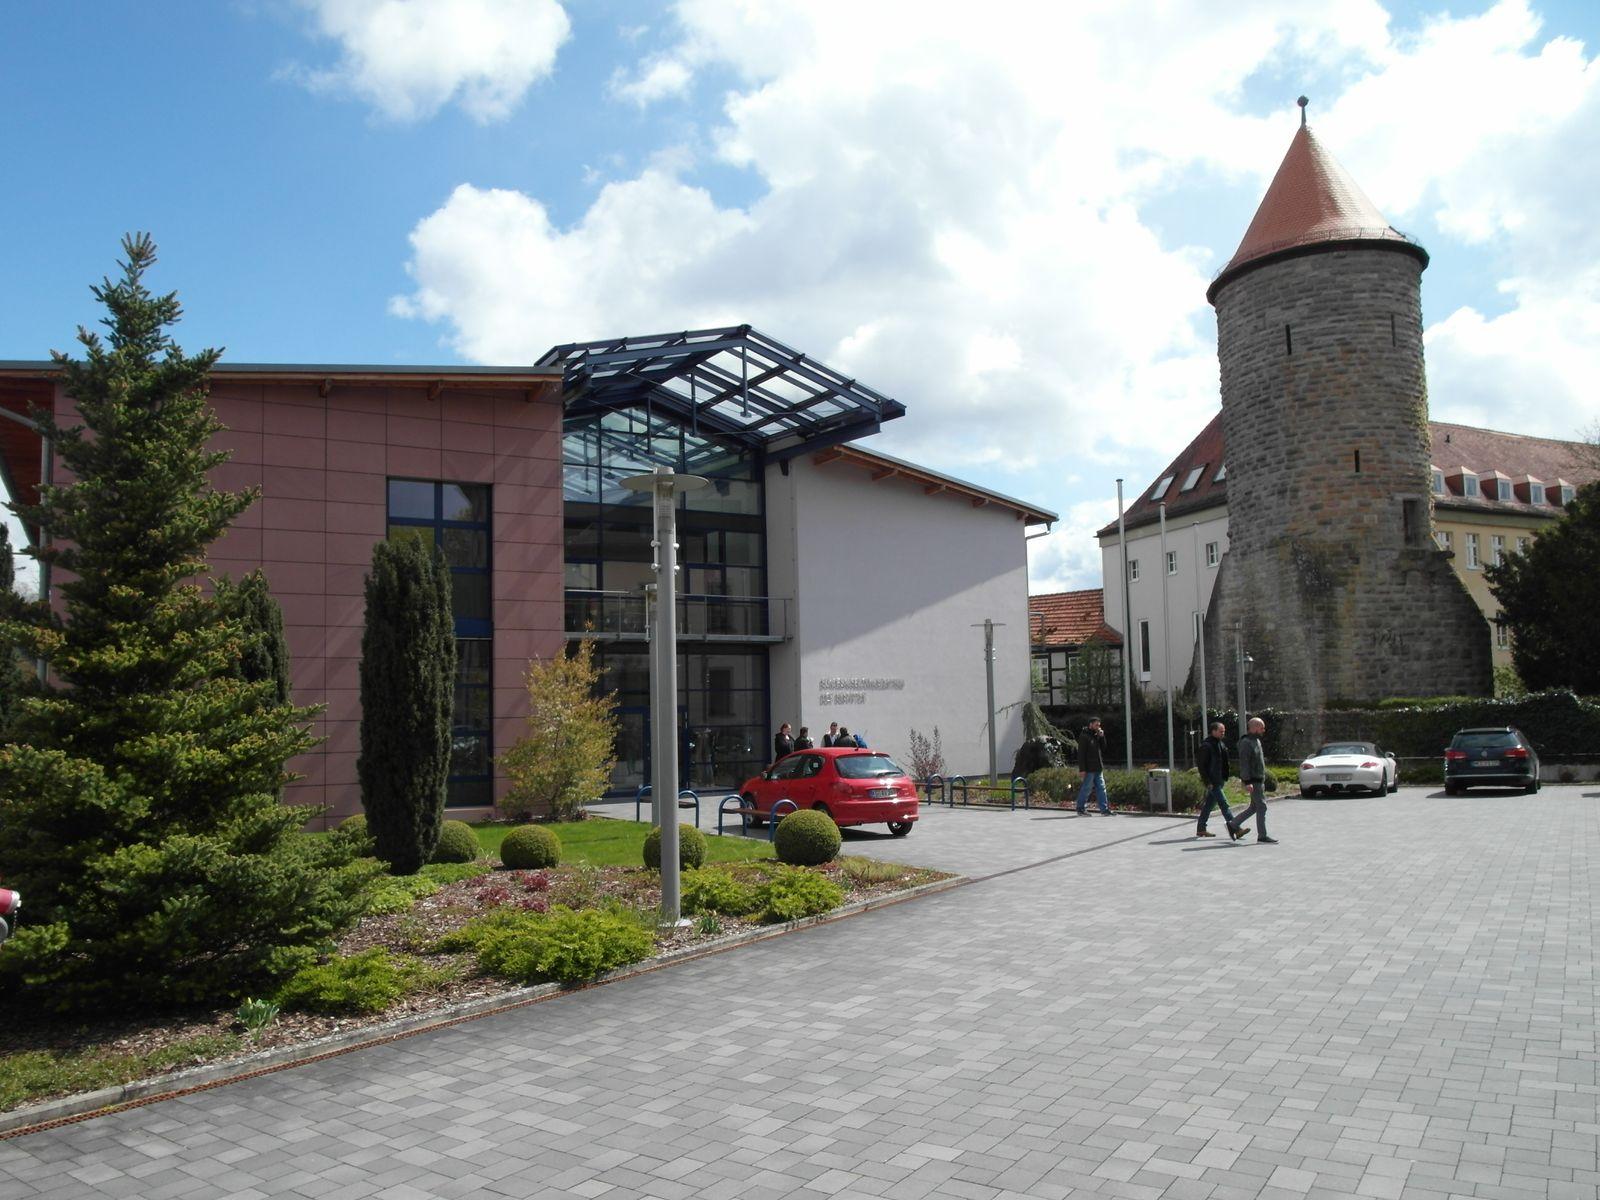 EINMALIGE VERWENDUNG Bestatter / Münnerstadt